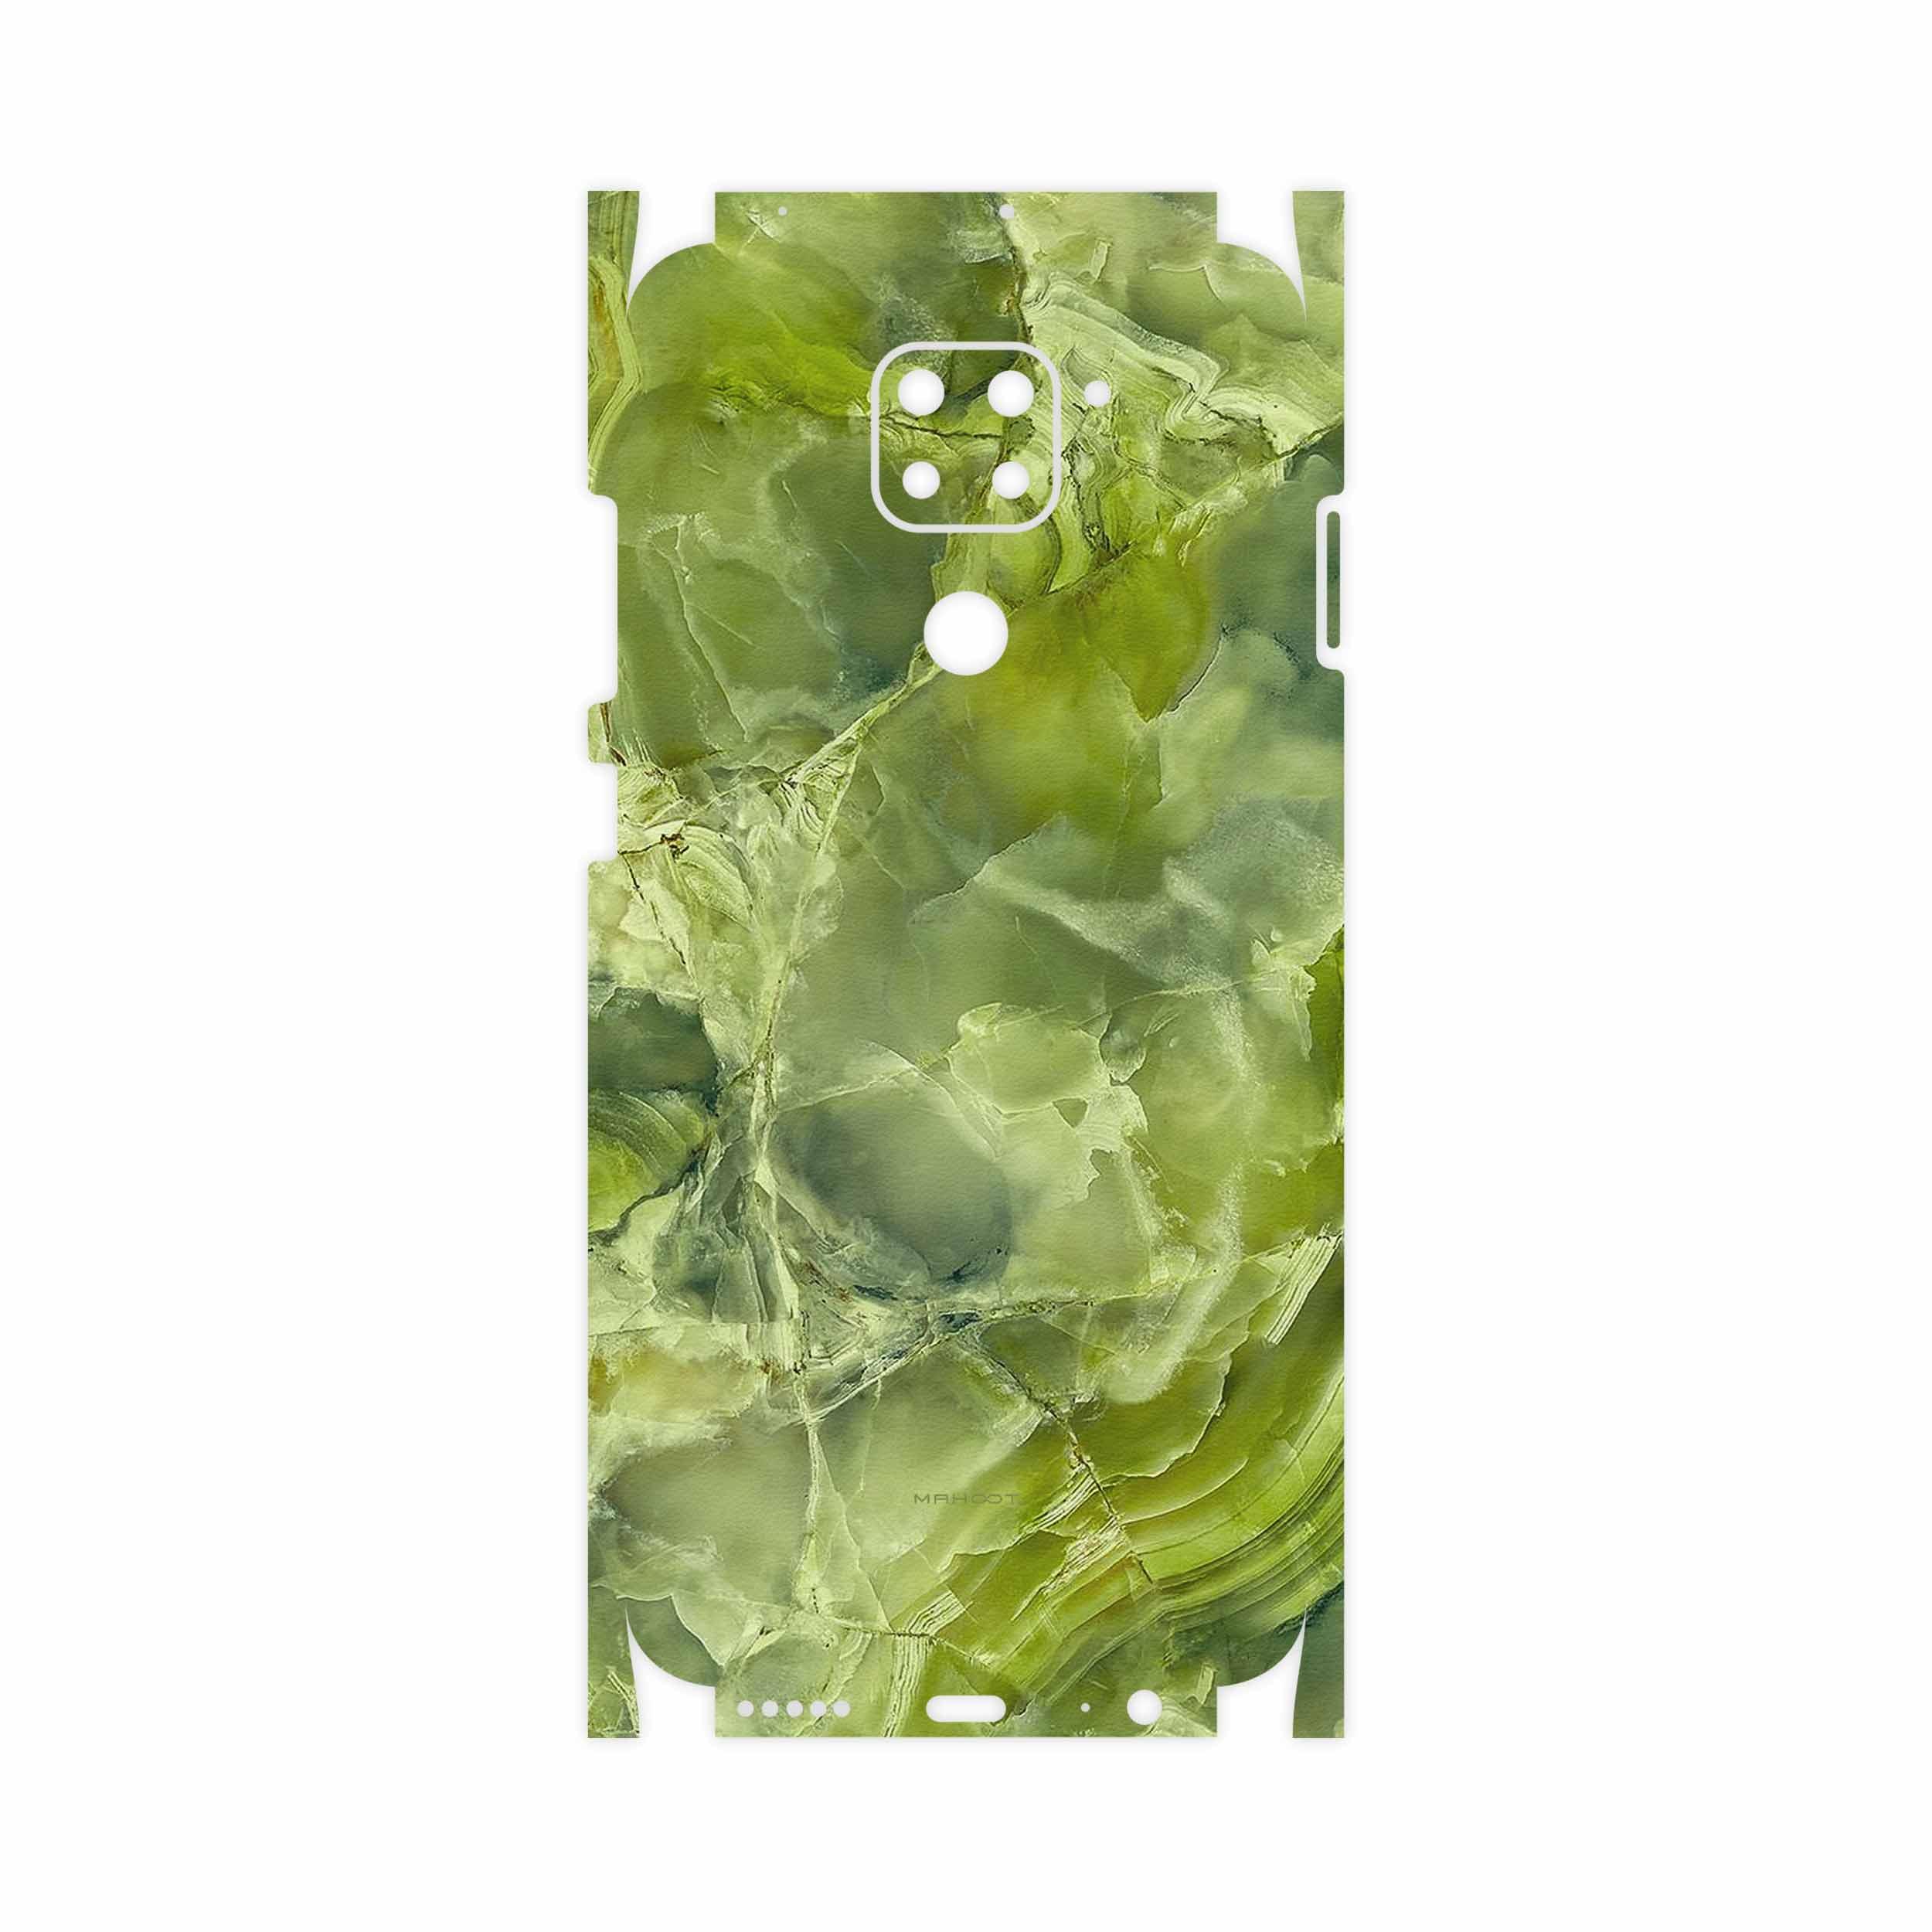 برچسب پوششی ماهوت مدل Green Crystal Marble-FullSkin مناسب برای گوشی موبایل شیائومی Redmi Note 9